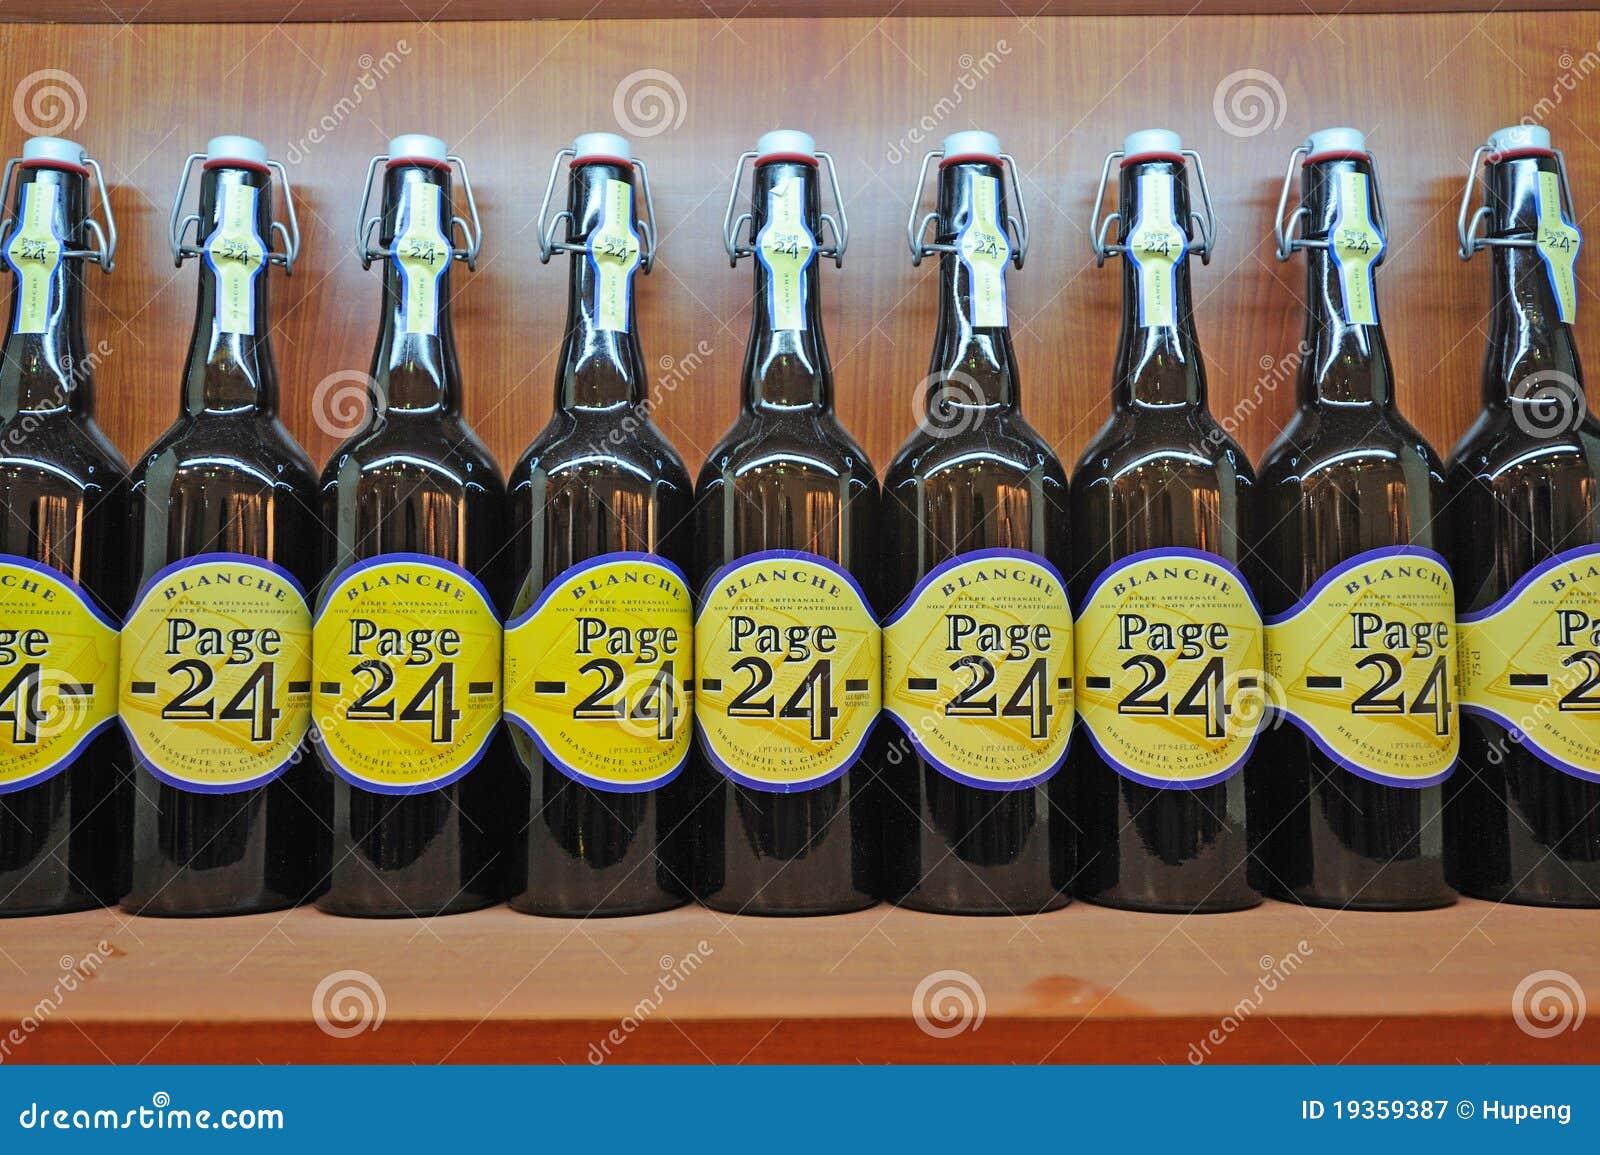 Cerveja da página 24 de Blanche